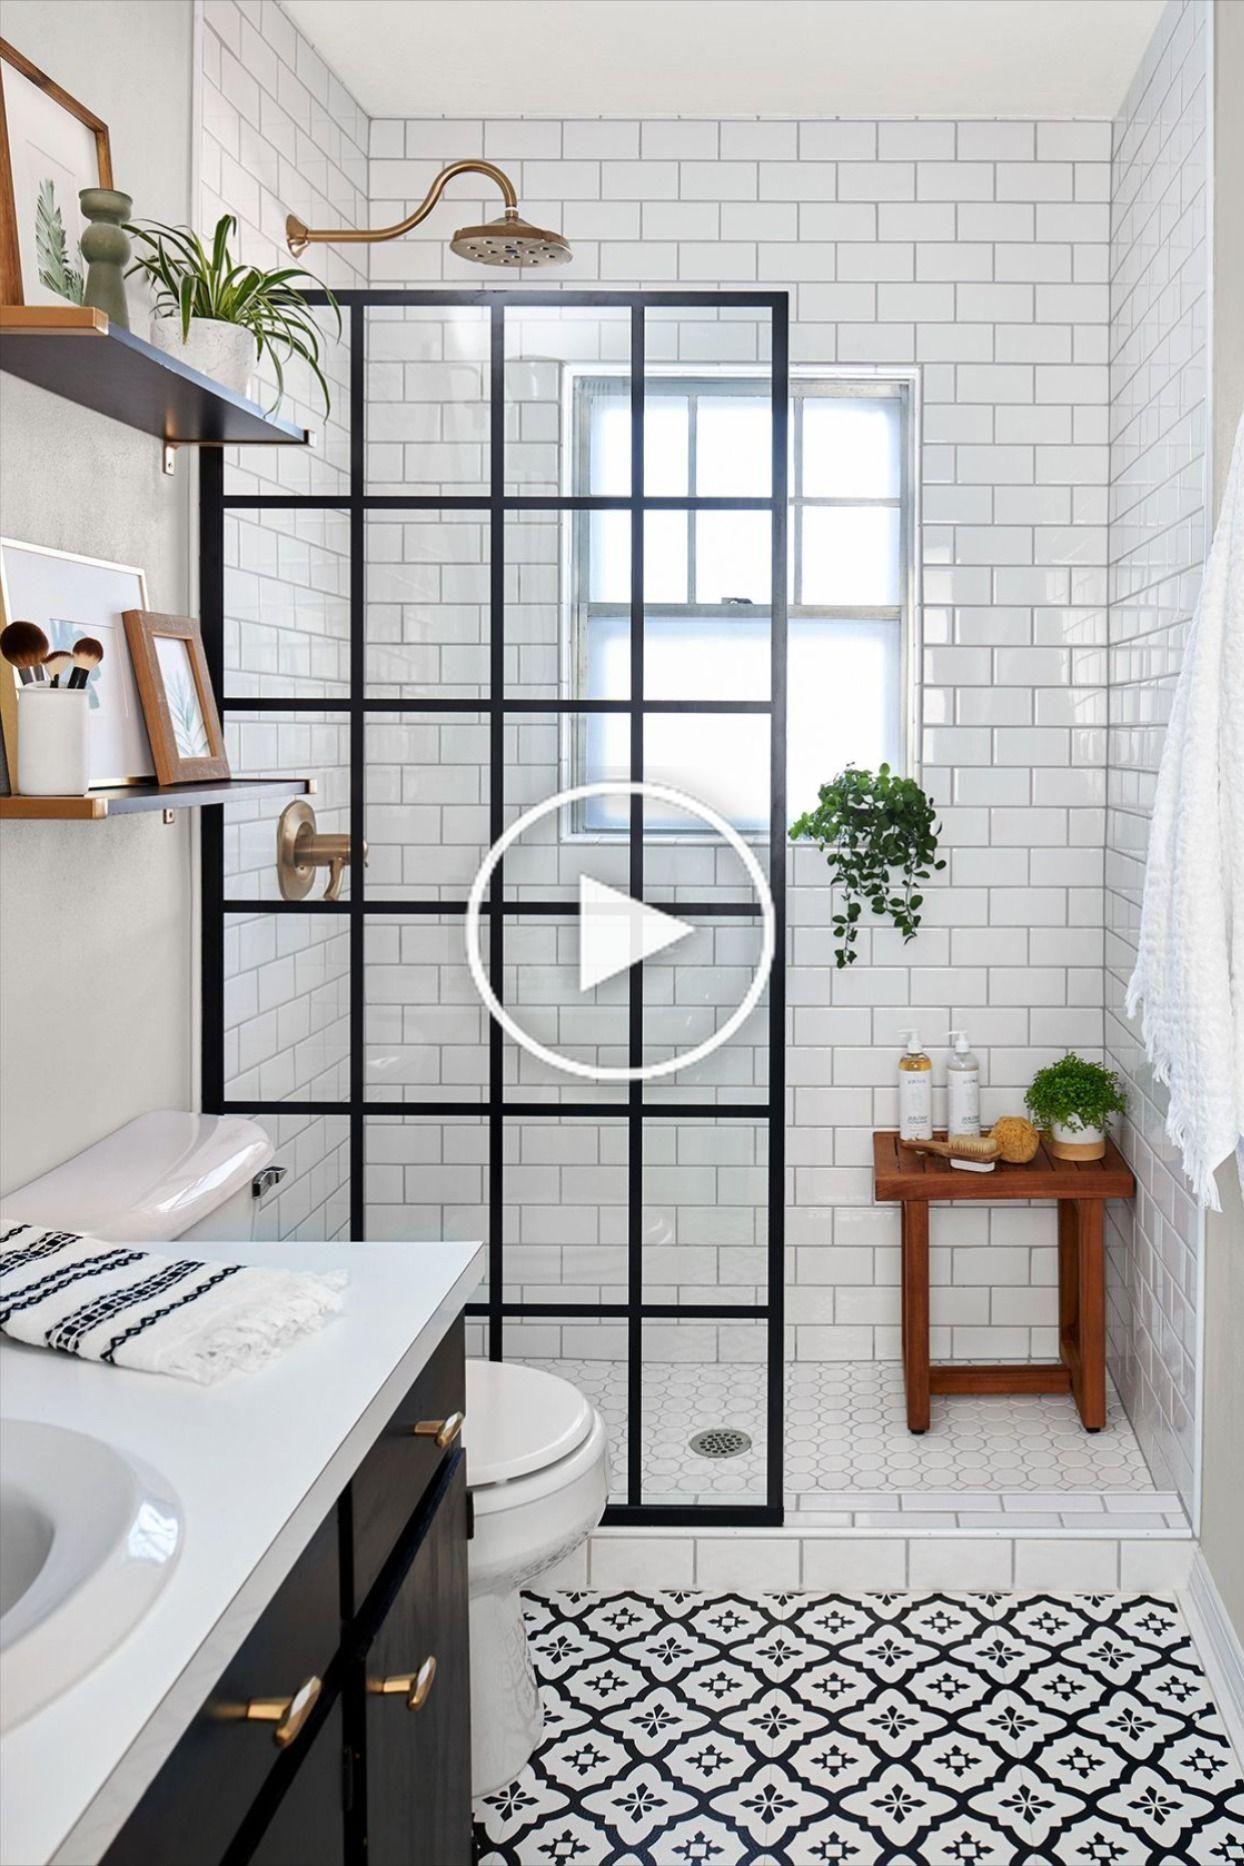 Kleine Badkamer Storage Ideeën | Badkamer, Badkamerideeën ...